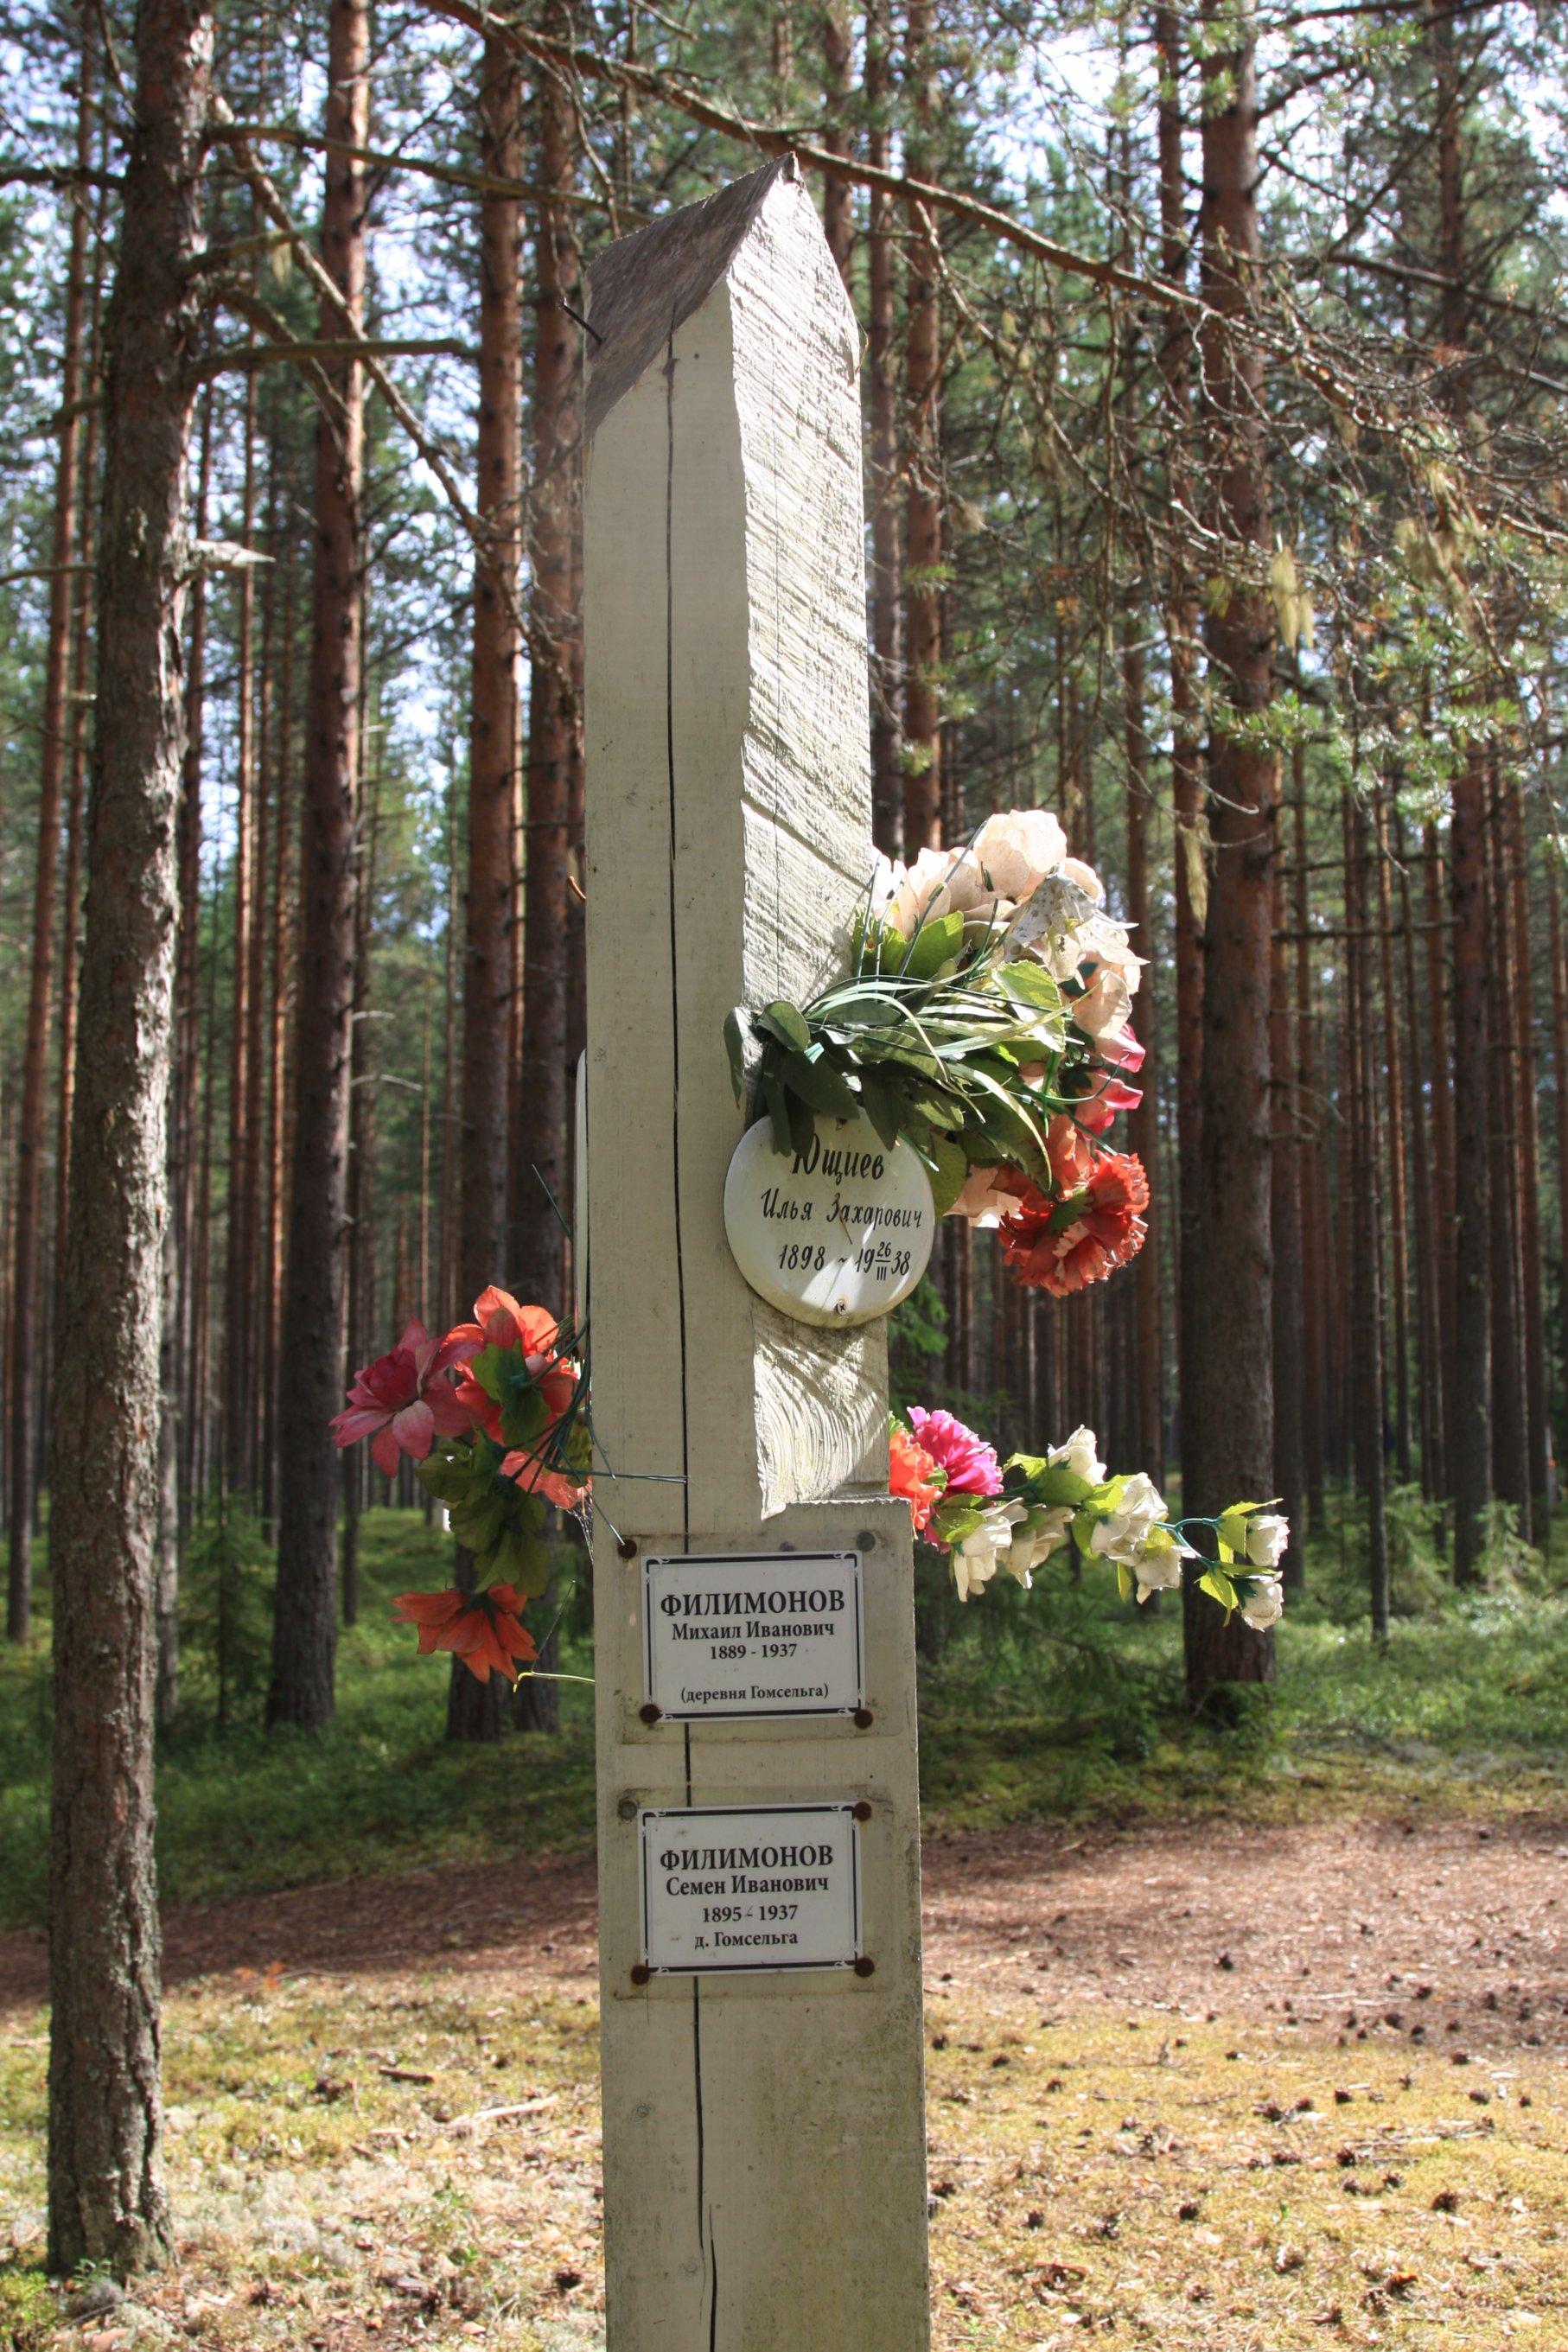 Памятная табличка «Филимонов Михаил Иванович». Фото 04.08.2018.